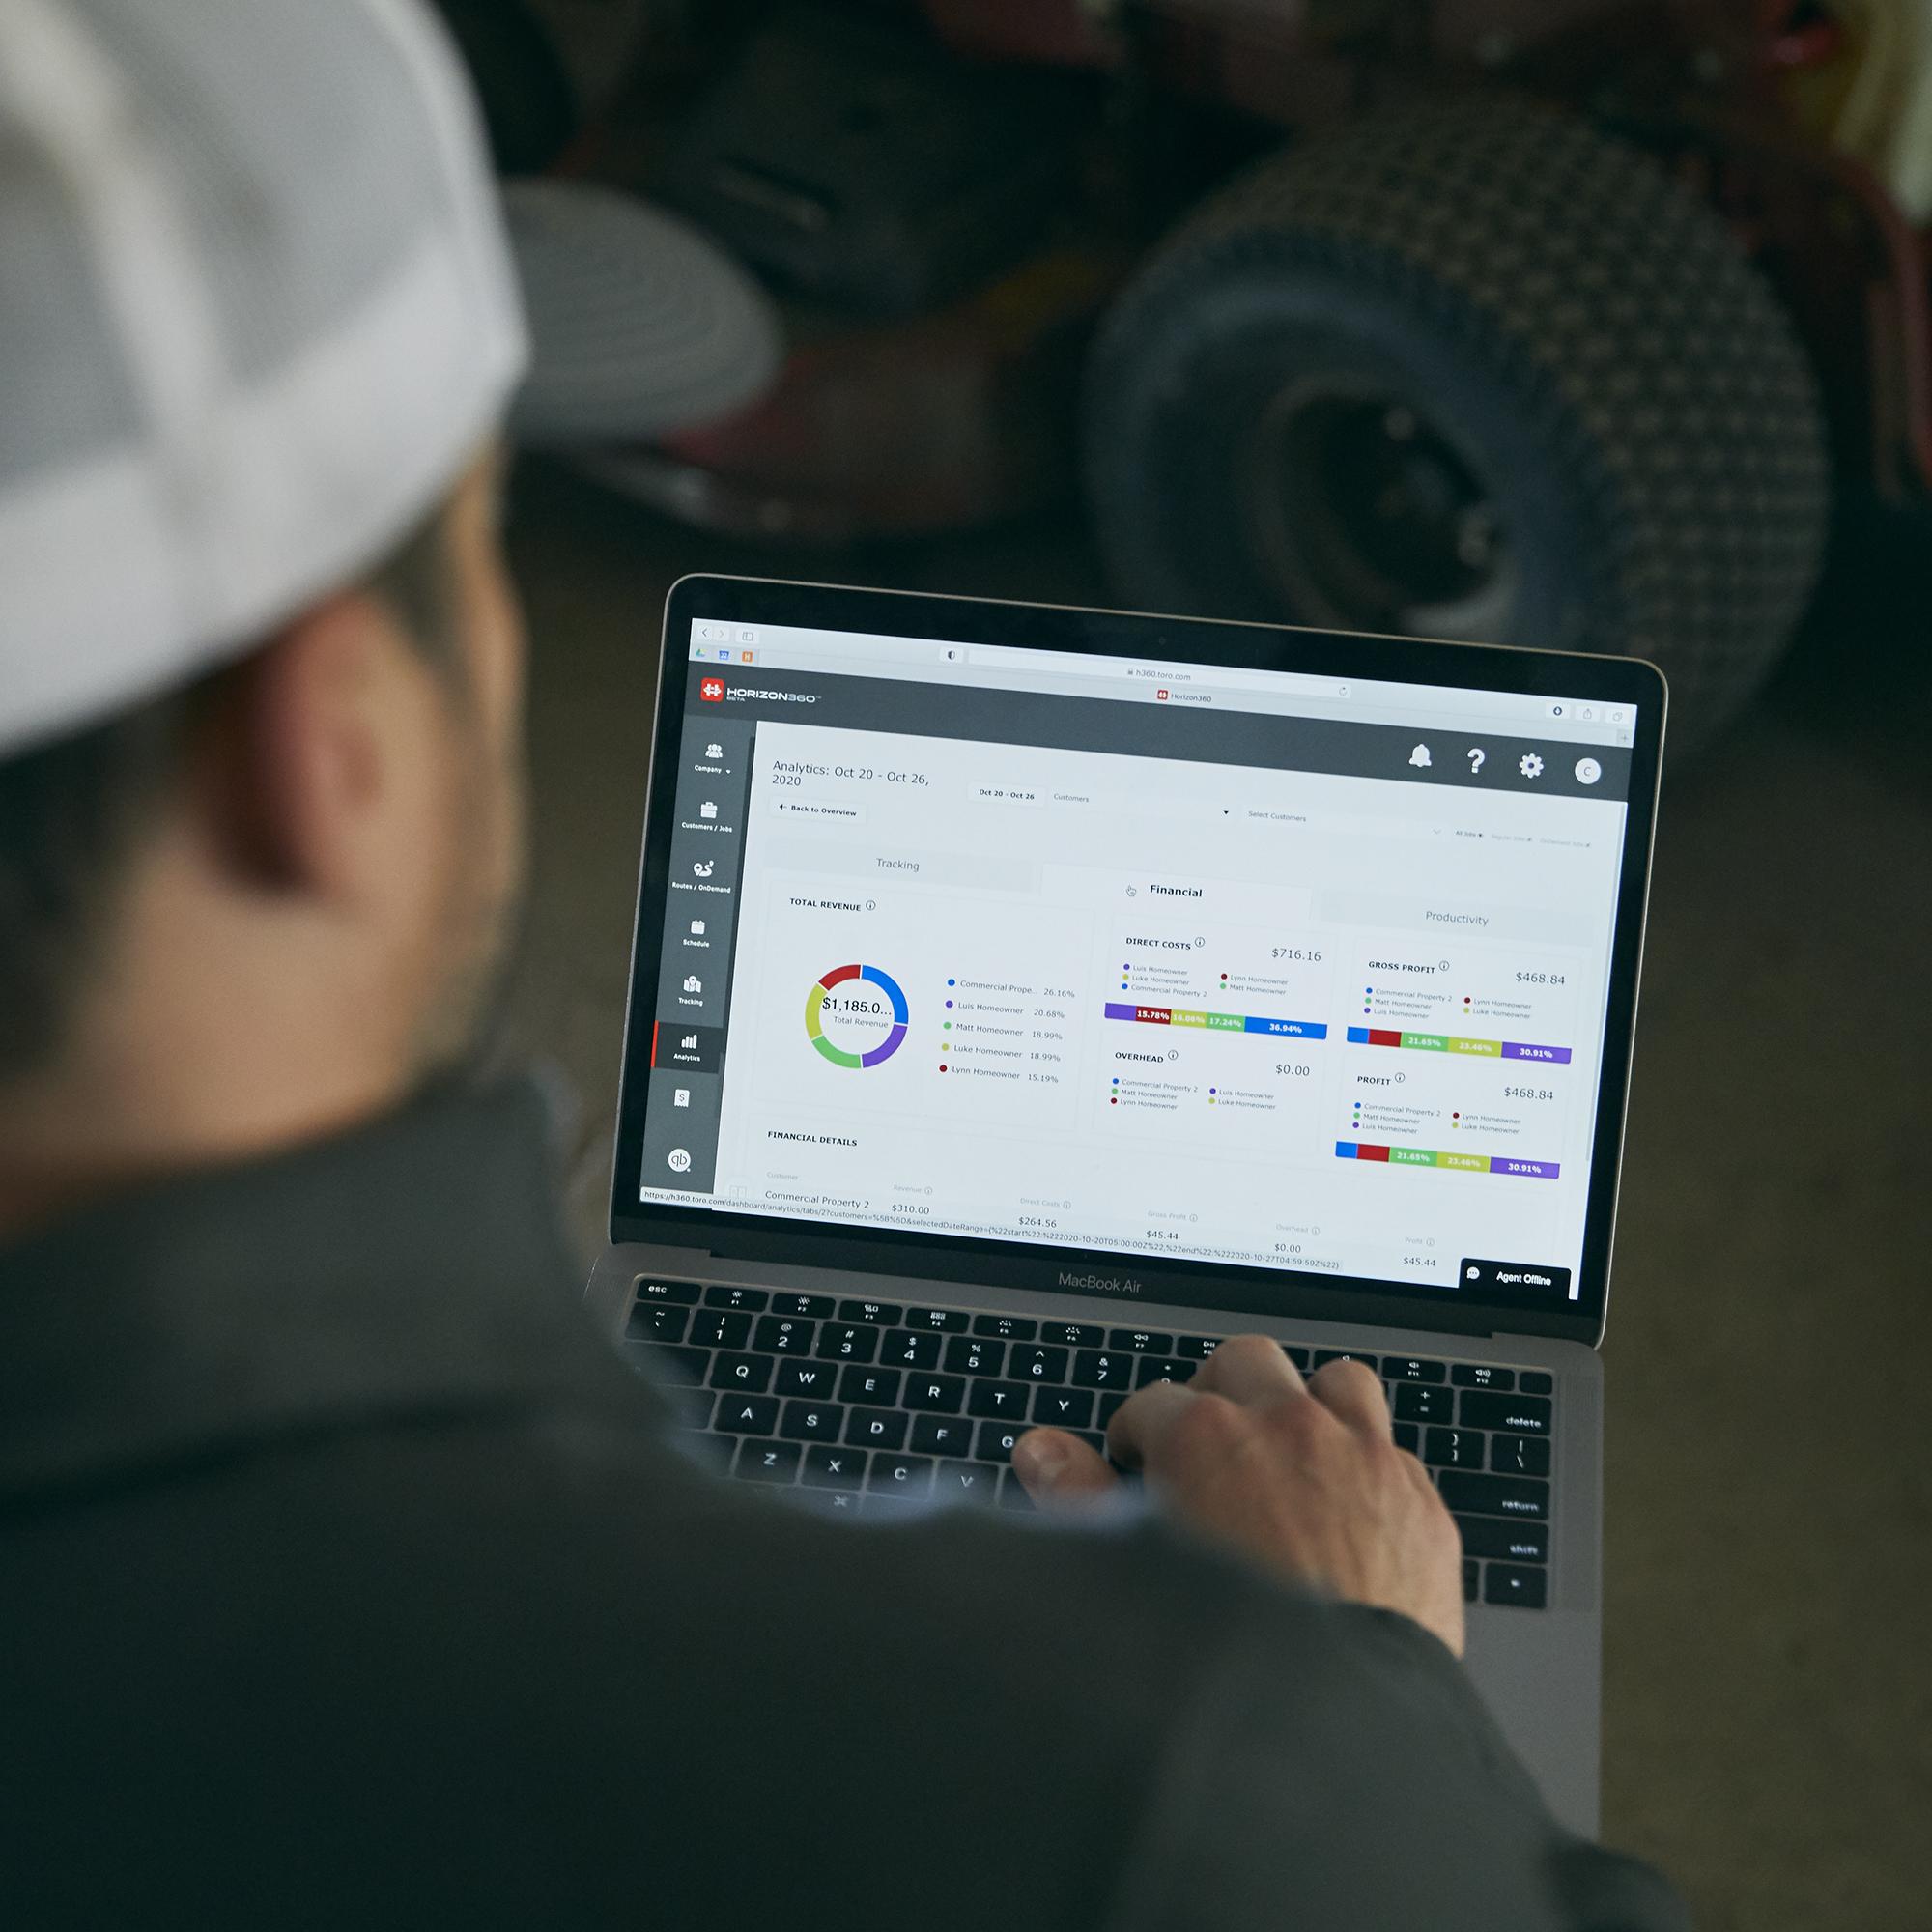 man using toro horizon360 software on laptop